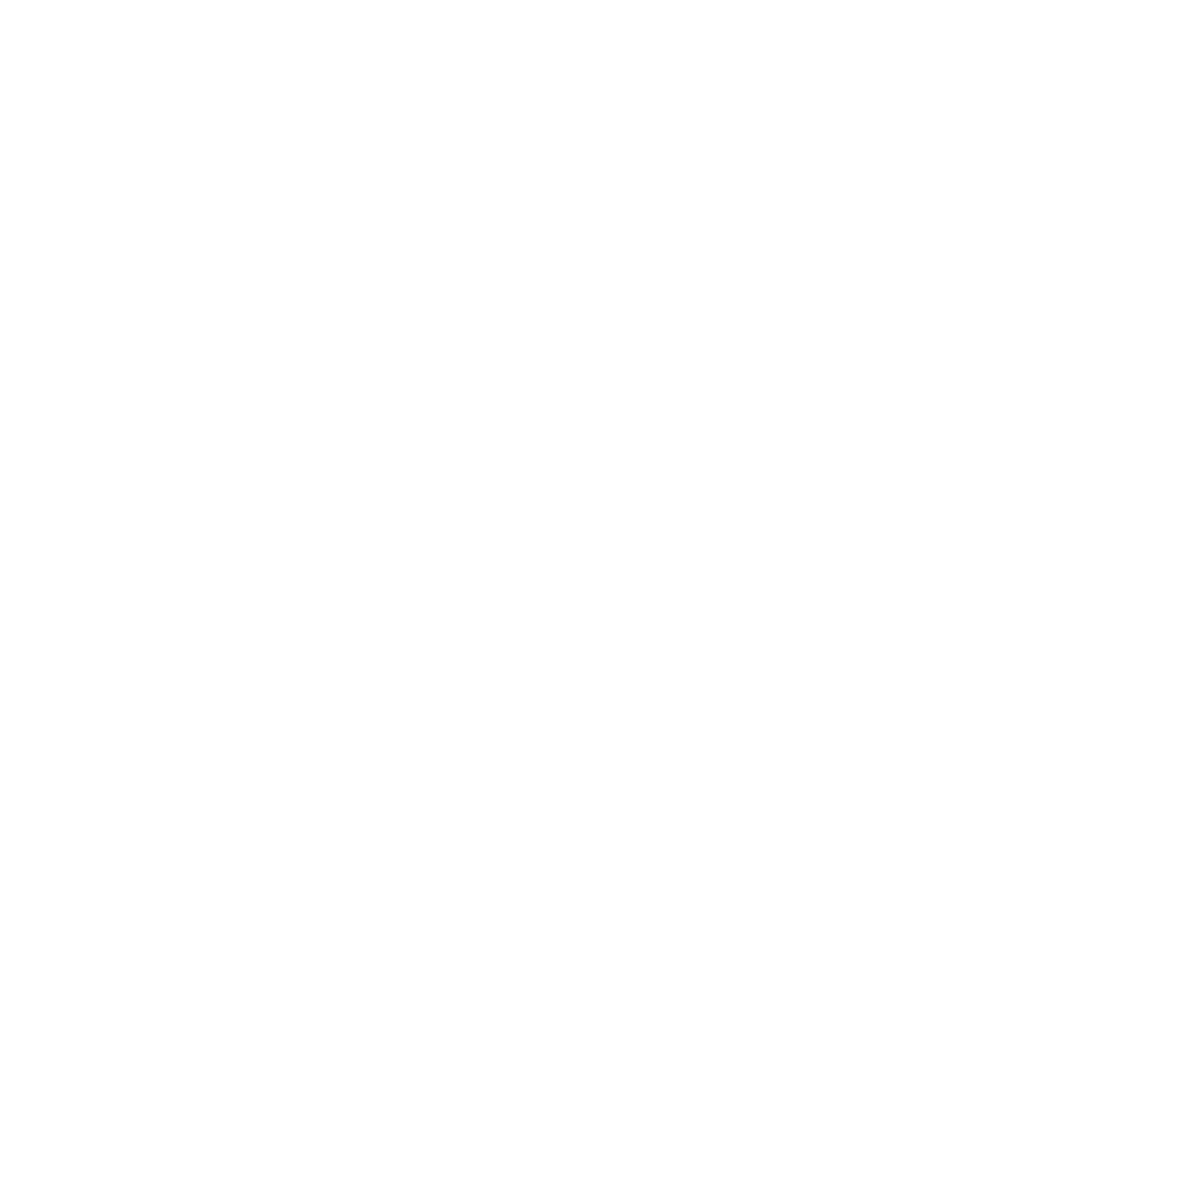 Унисекс/Скейтборд/Скейтборды в сборе/Скейтборды в сборе Скейтборд Shade 7,8